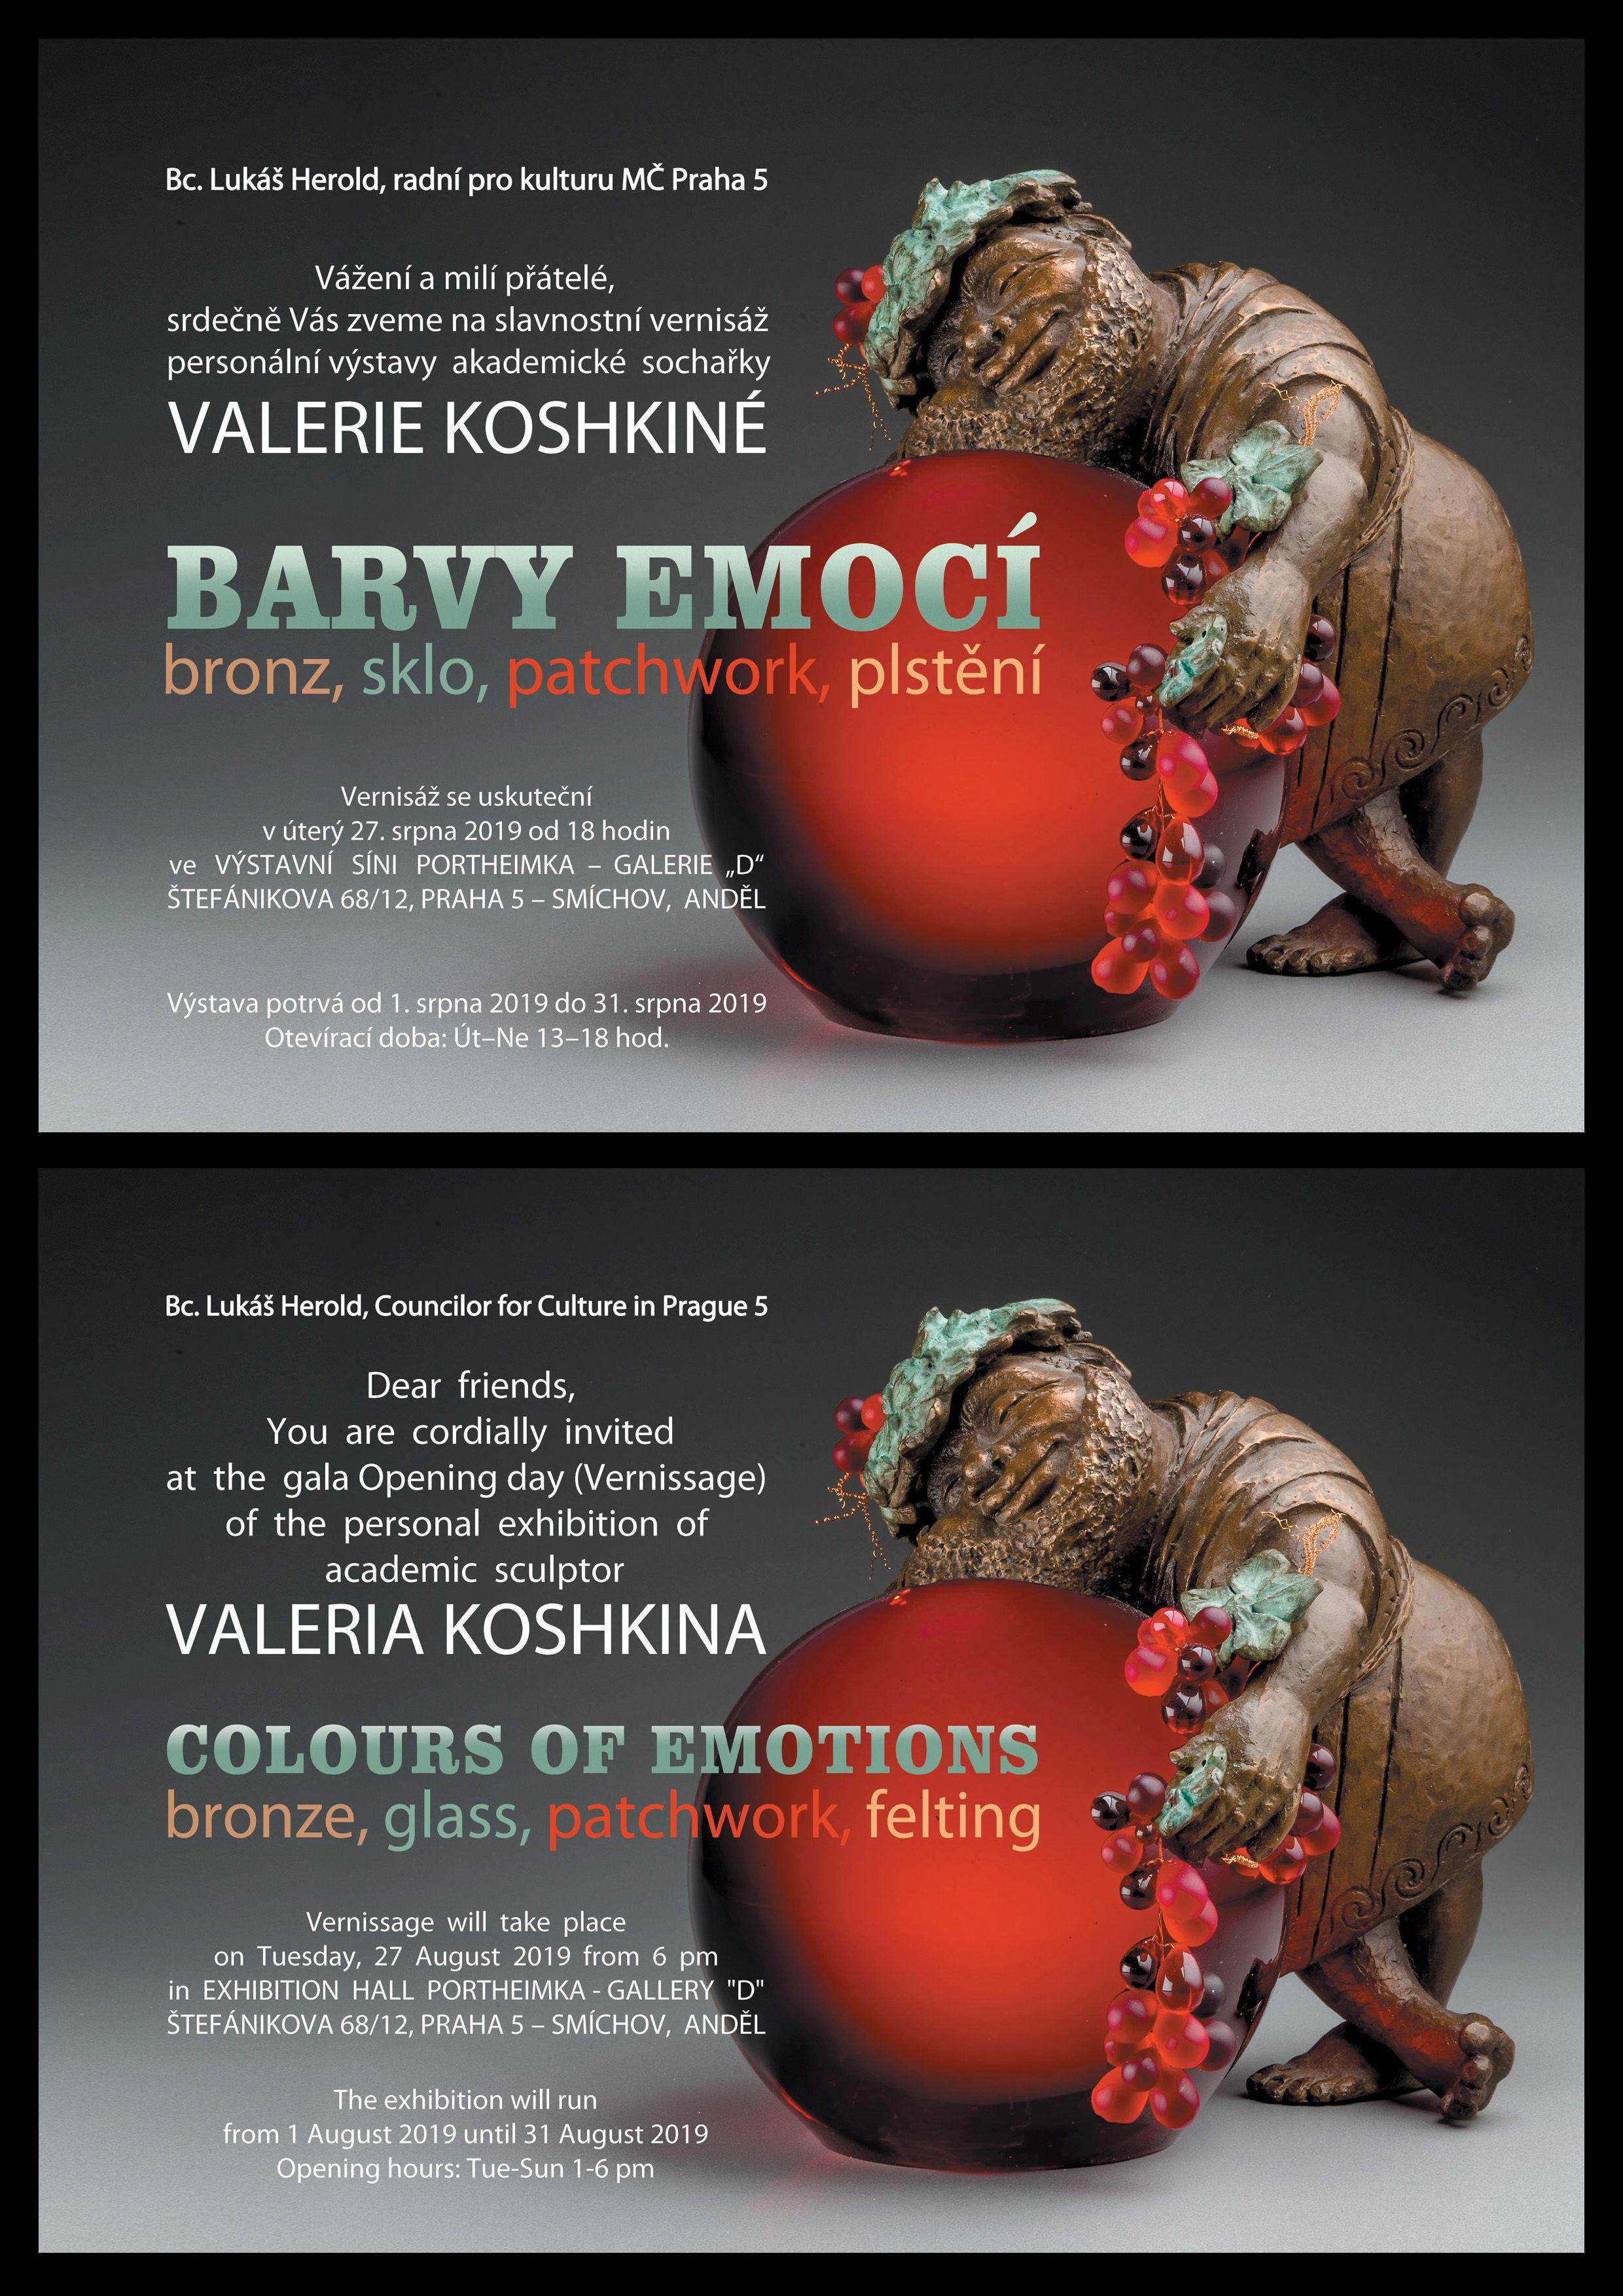 derniera-vystavy-barvy-emoci